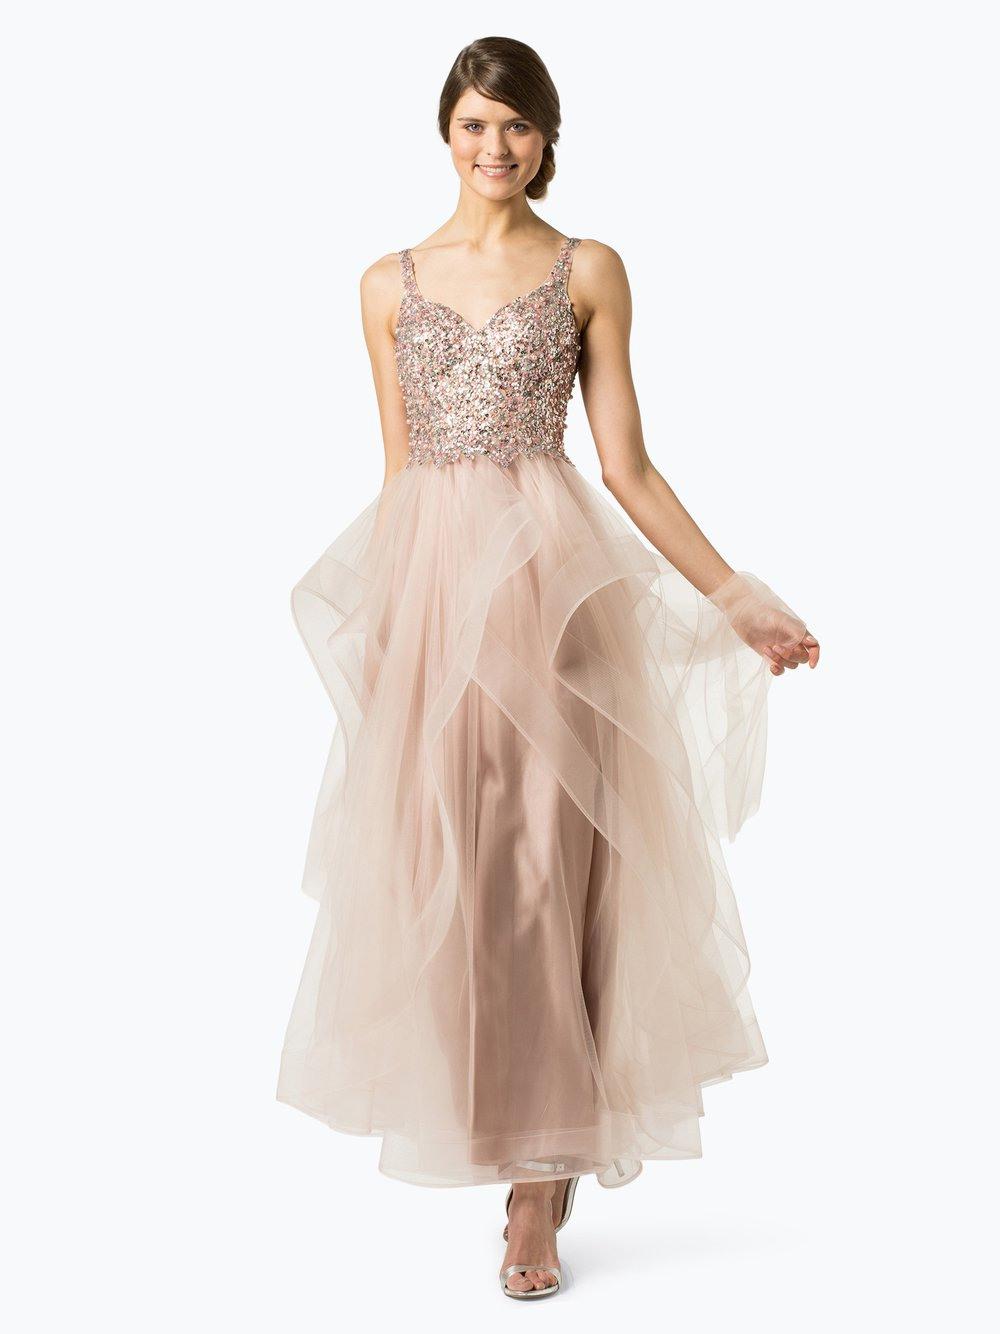 17 Großartig Unique Damen Abendkleid Boutique20 Fantastisch Unique Damen Abendkleid Vertrieb